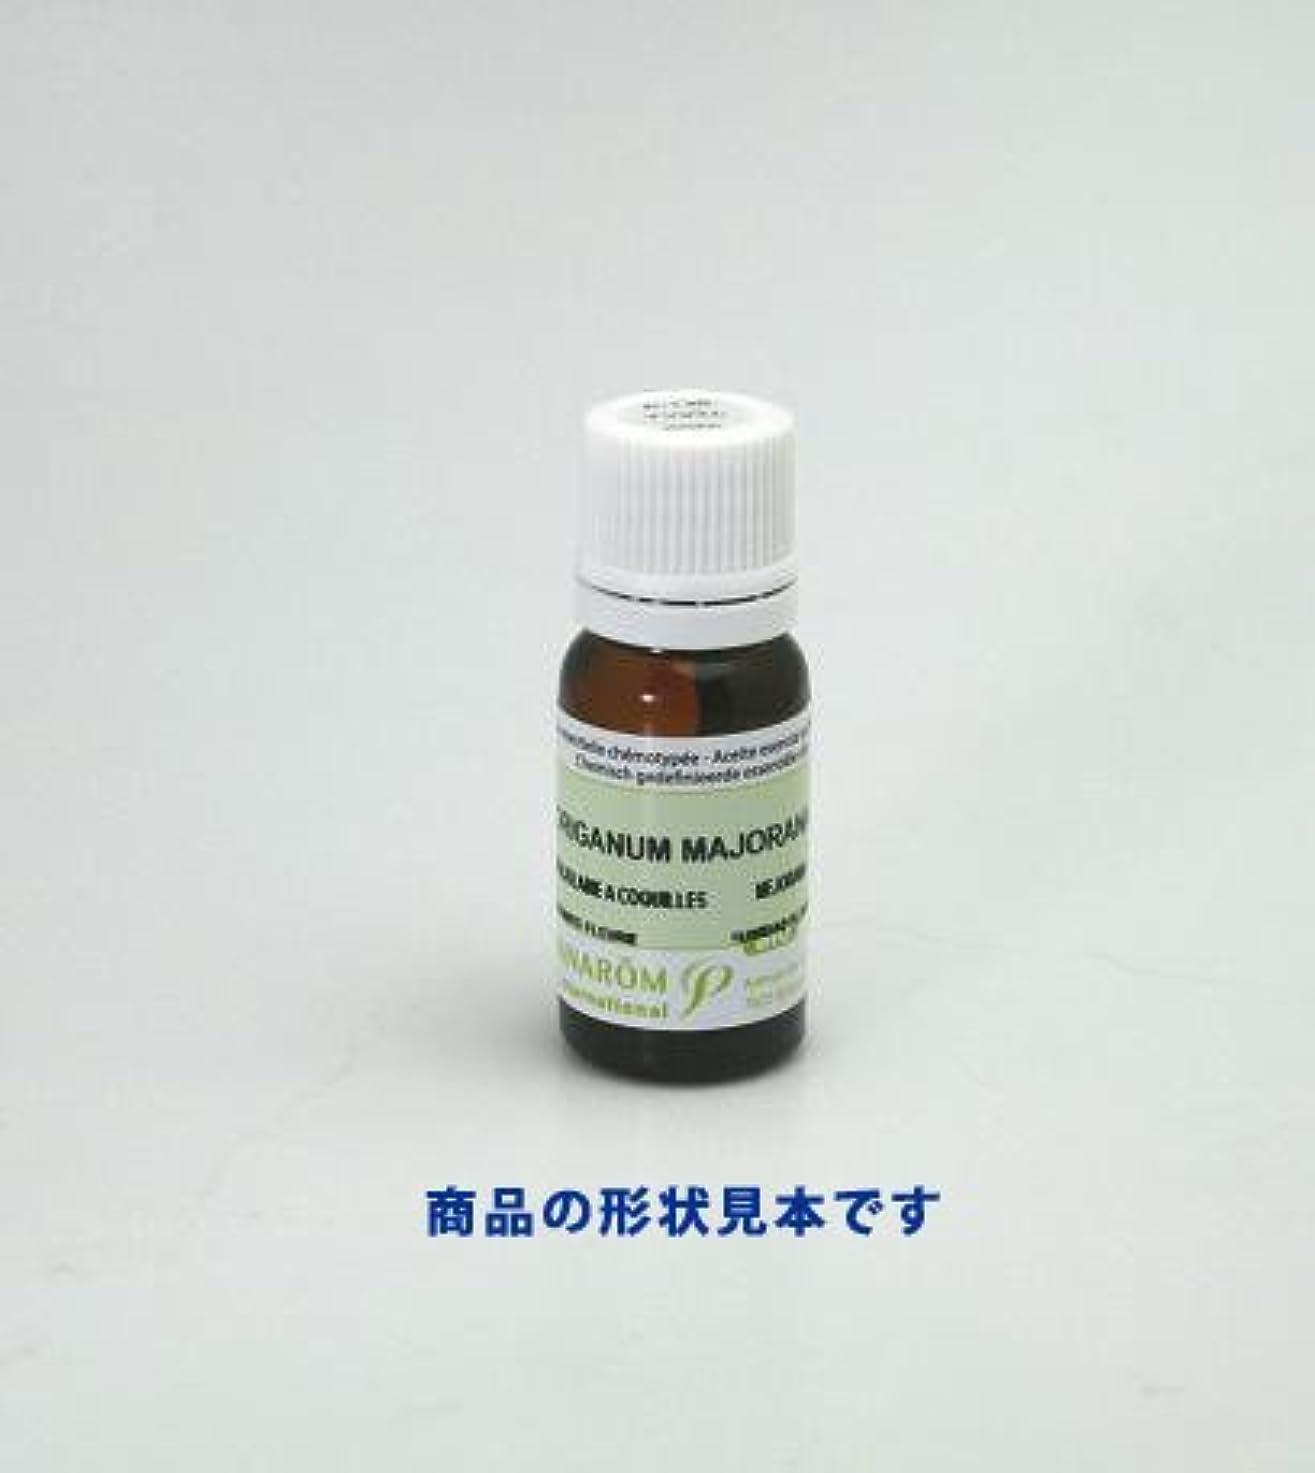 グレートバリアリーフ調子脊椎プラナロム社製精油:P-116 アルベンシスミント